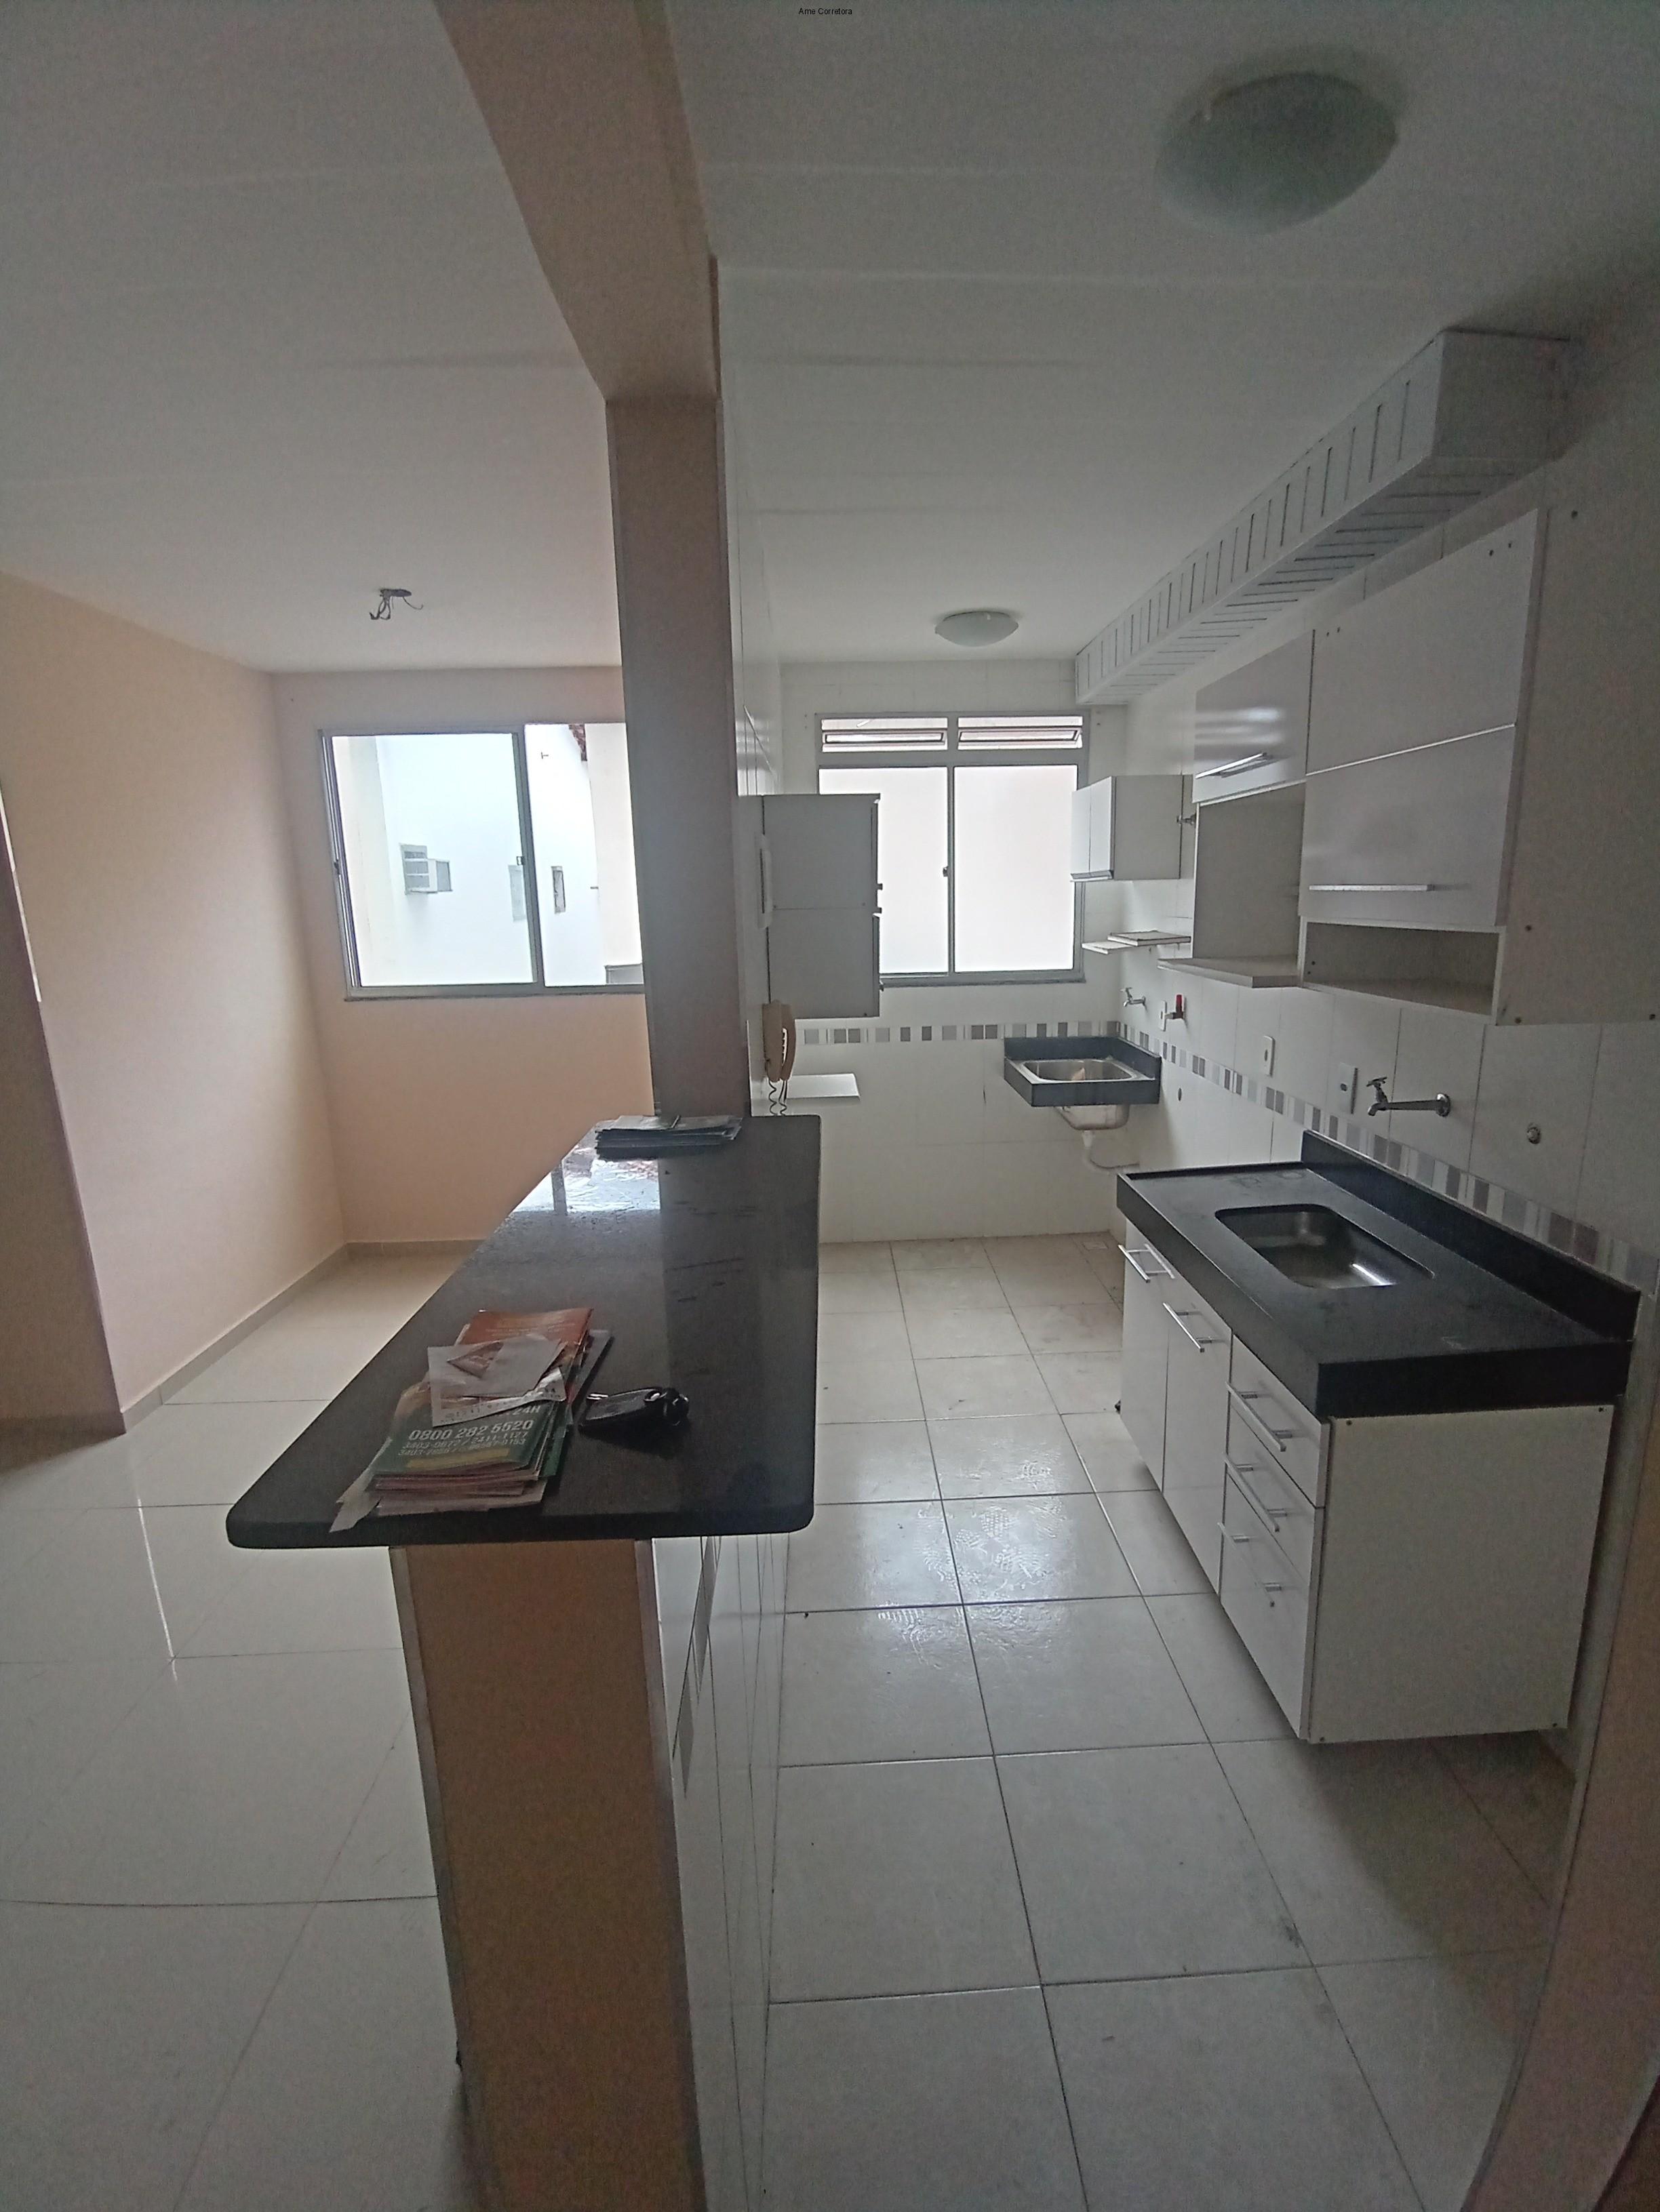 FOTO 09 - Apartamento 2 quartos para alugar Campo Grande, Rio de Janeiro - R$ 700 - AP00456 - 4